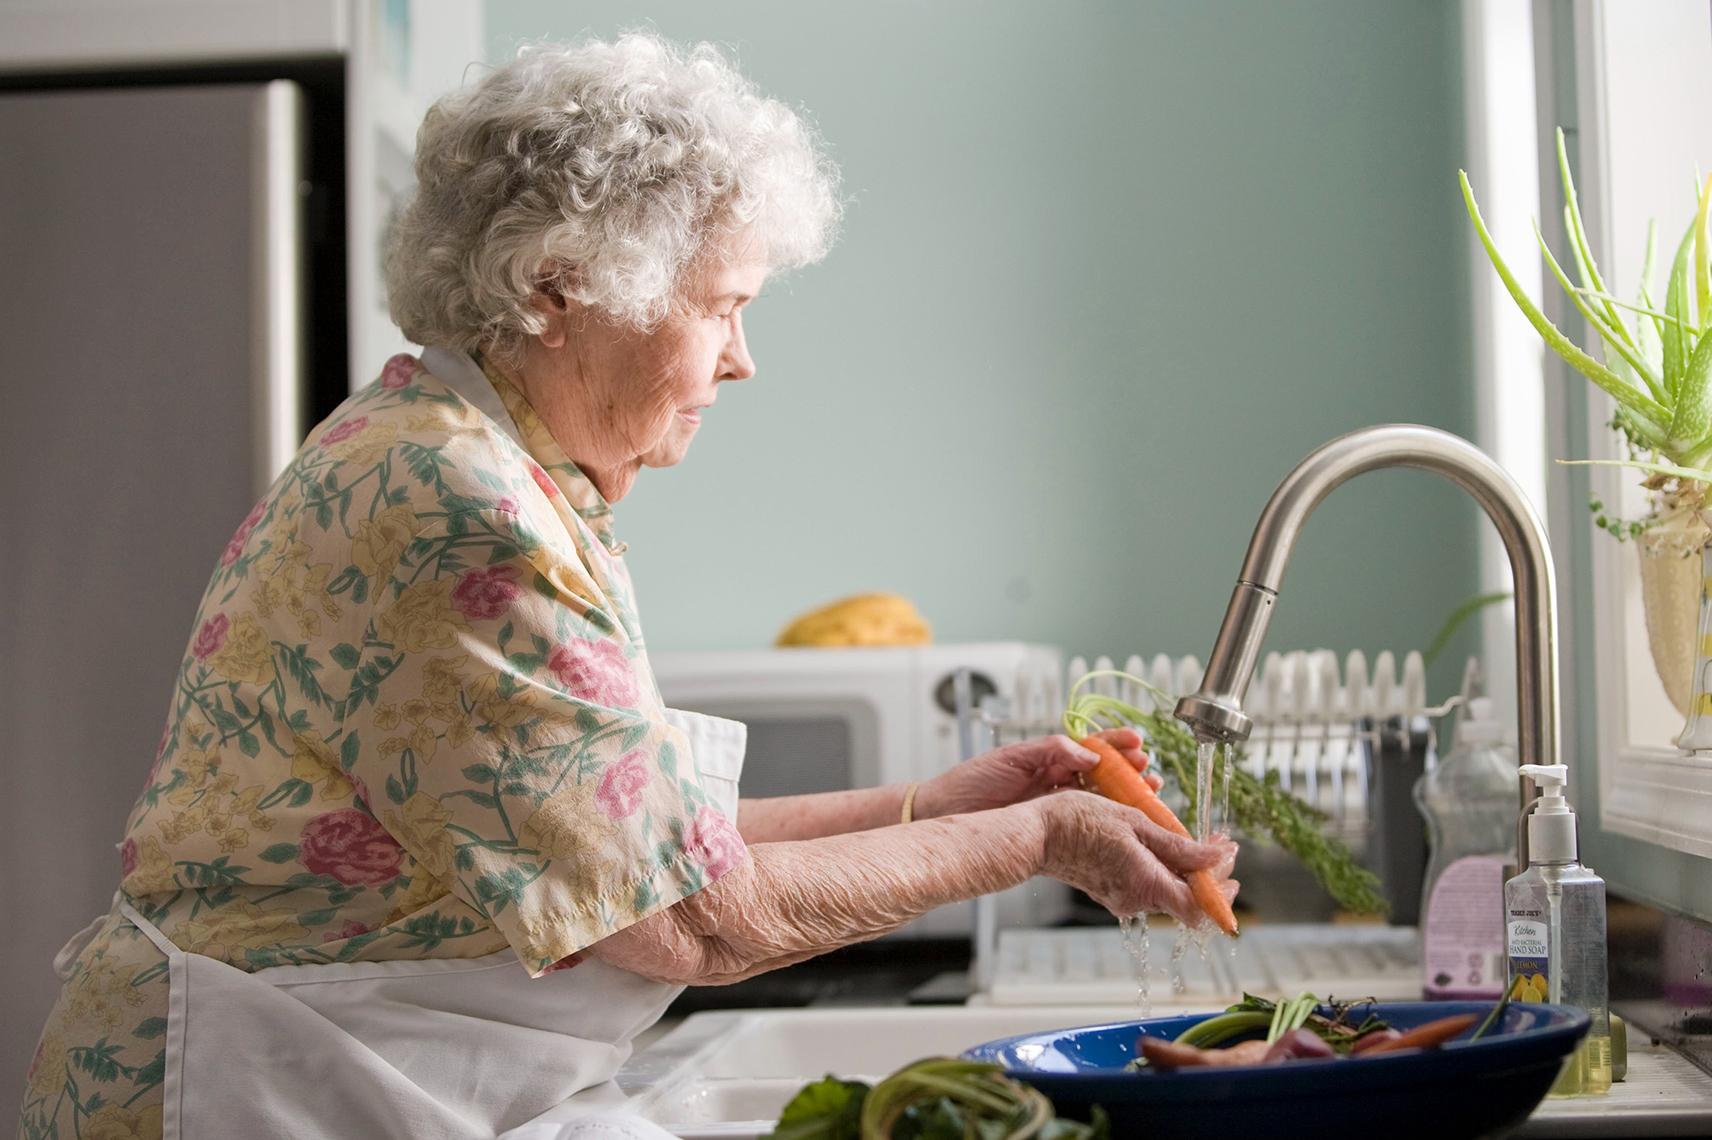 Relação entre desnutrição, funcionalidade e desempenho cognitivo em idosos